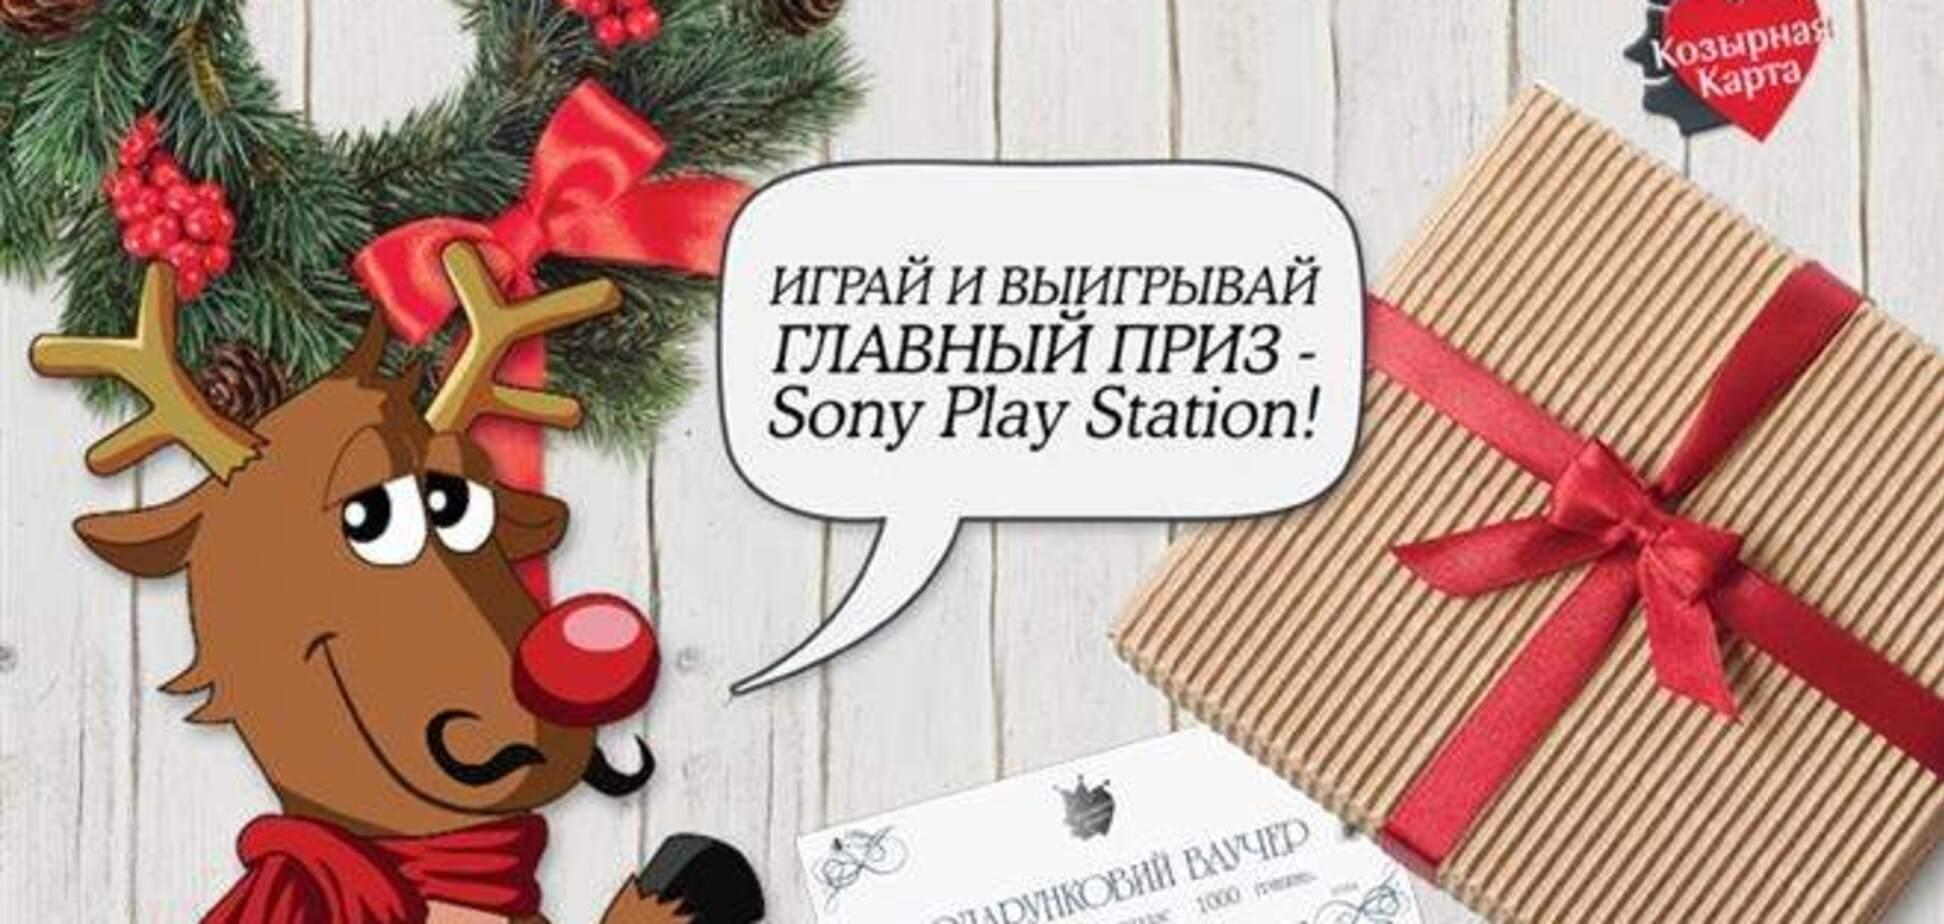 Сеть ресторанов 'Козырная Карта' запустила новогоднюю онлайн игру